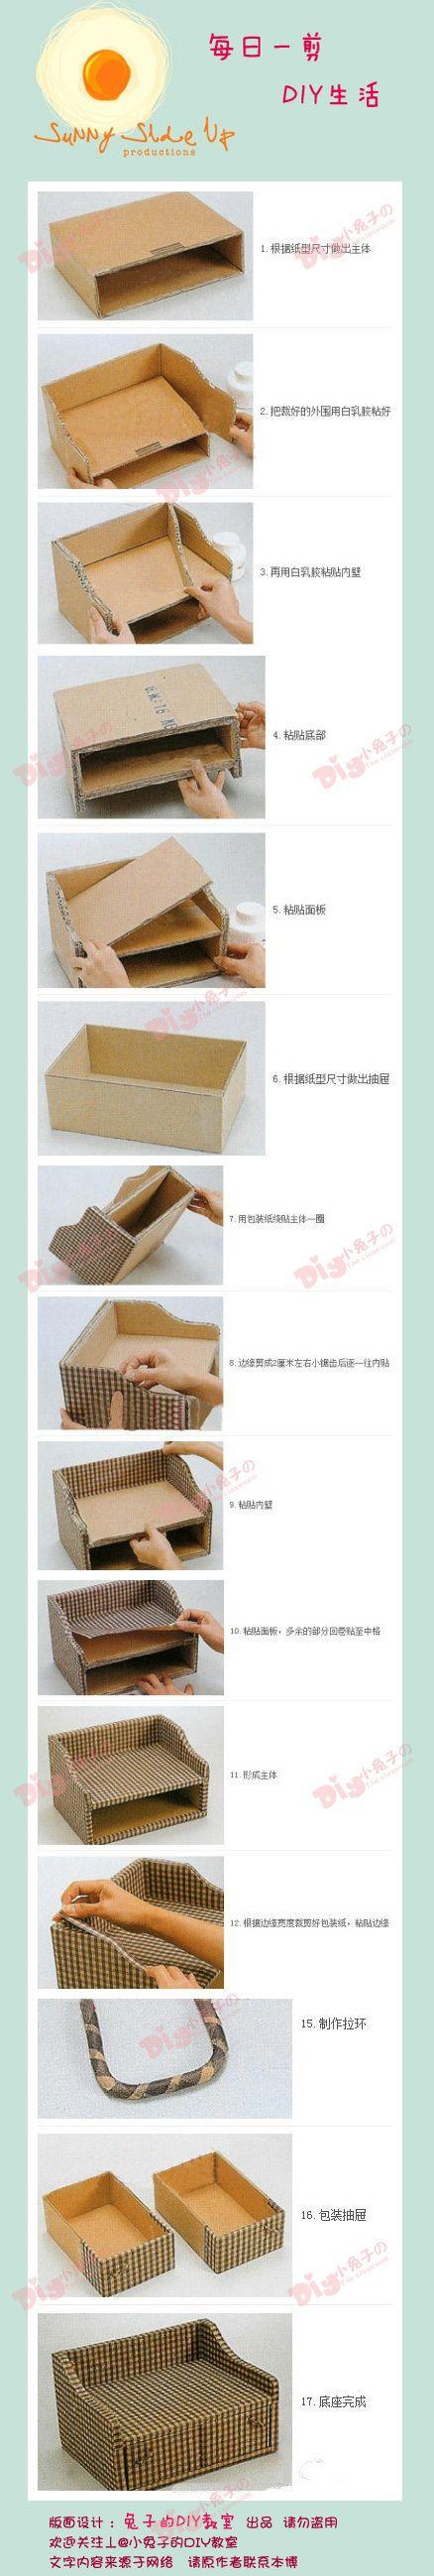 Sofá decorativo hecho con cartón y tela de tapicería, ideal para organizar y guardar cosas pequeñas